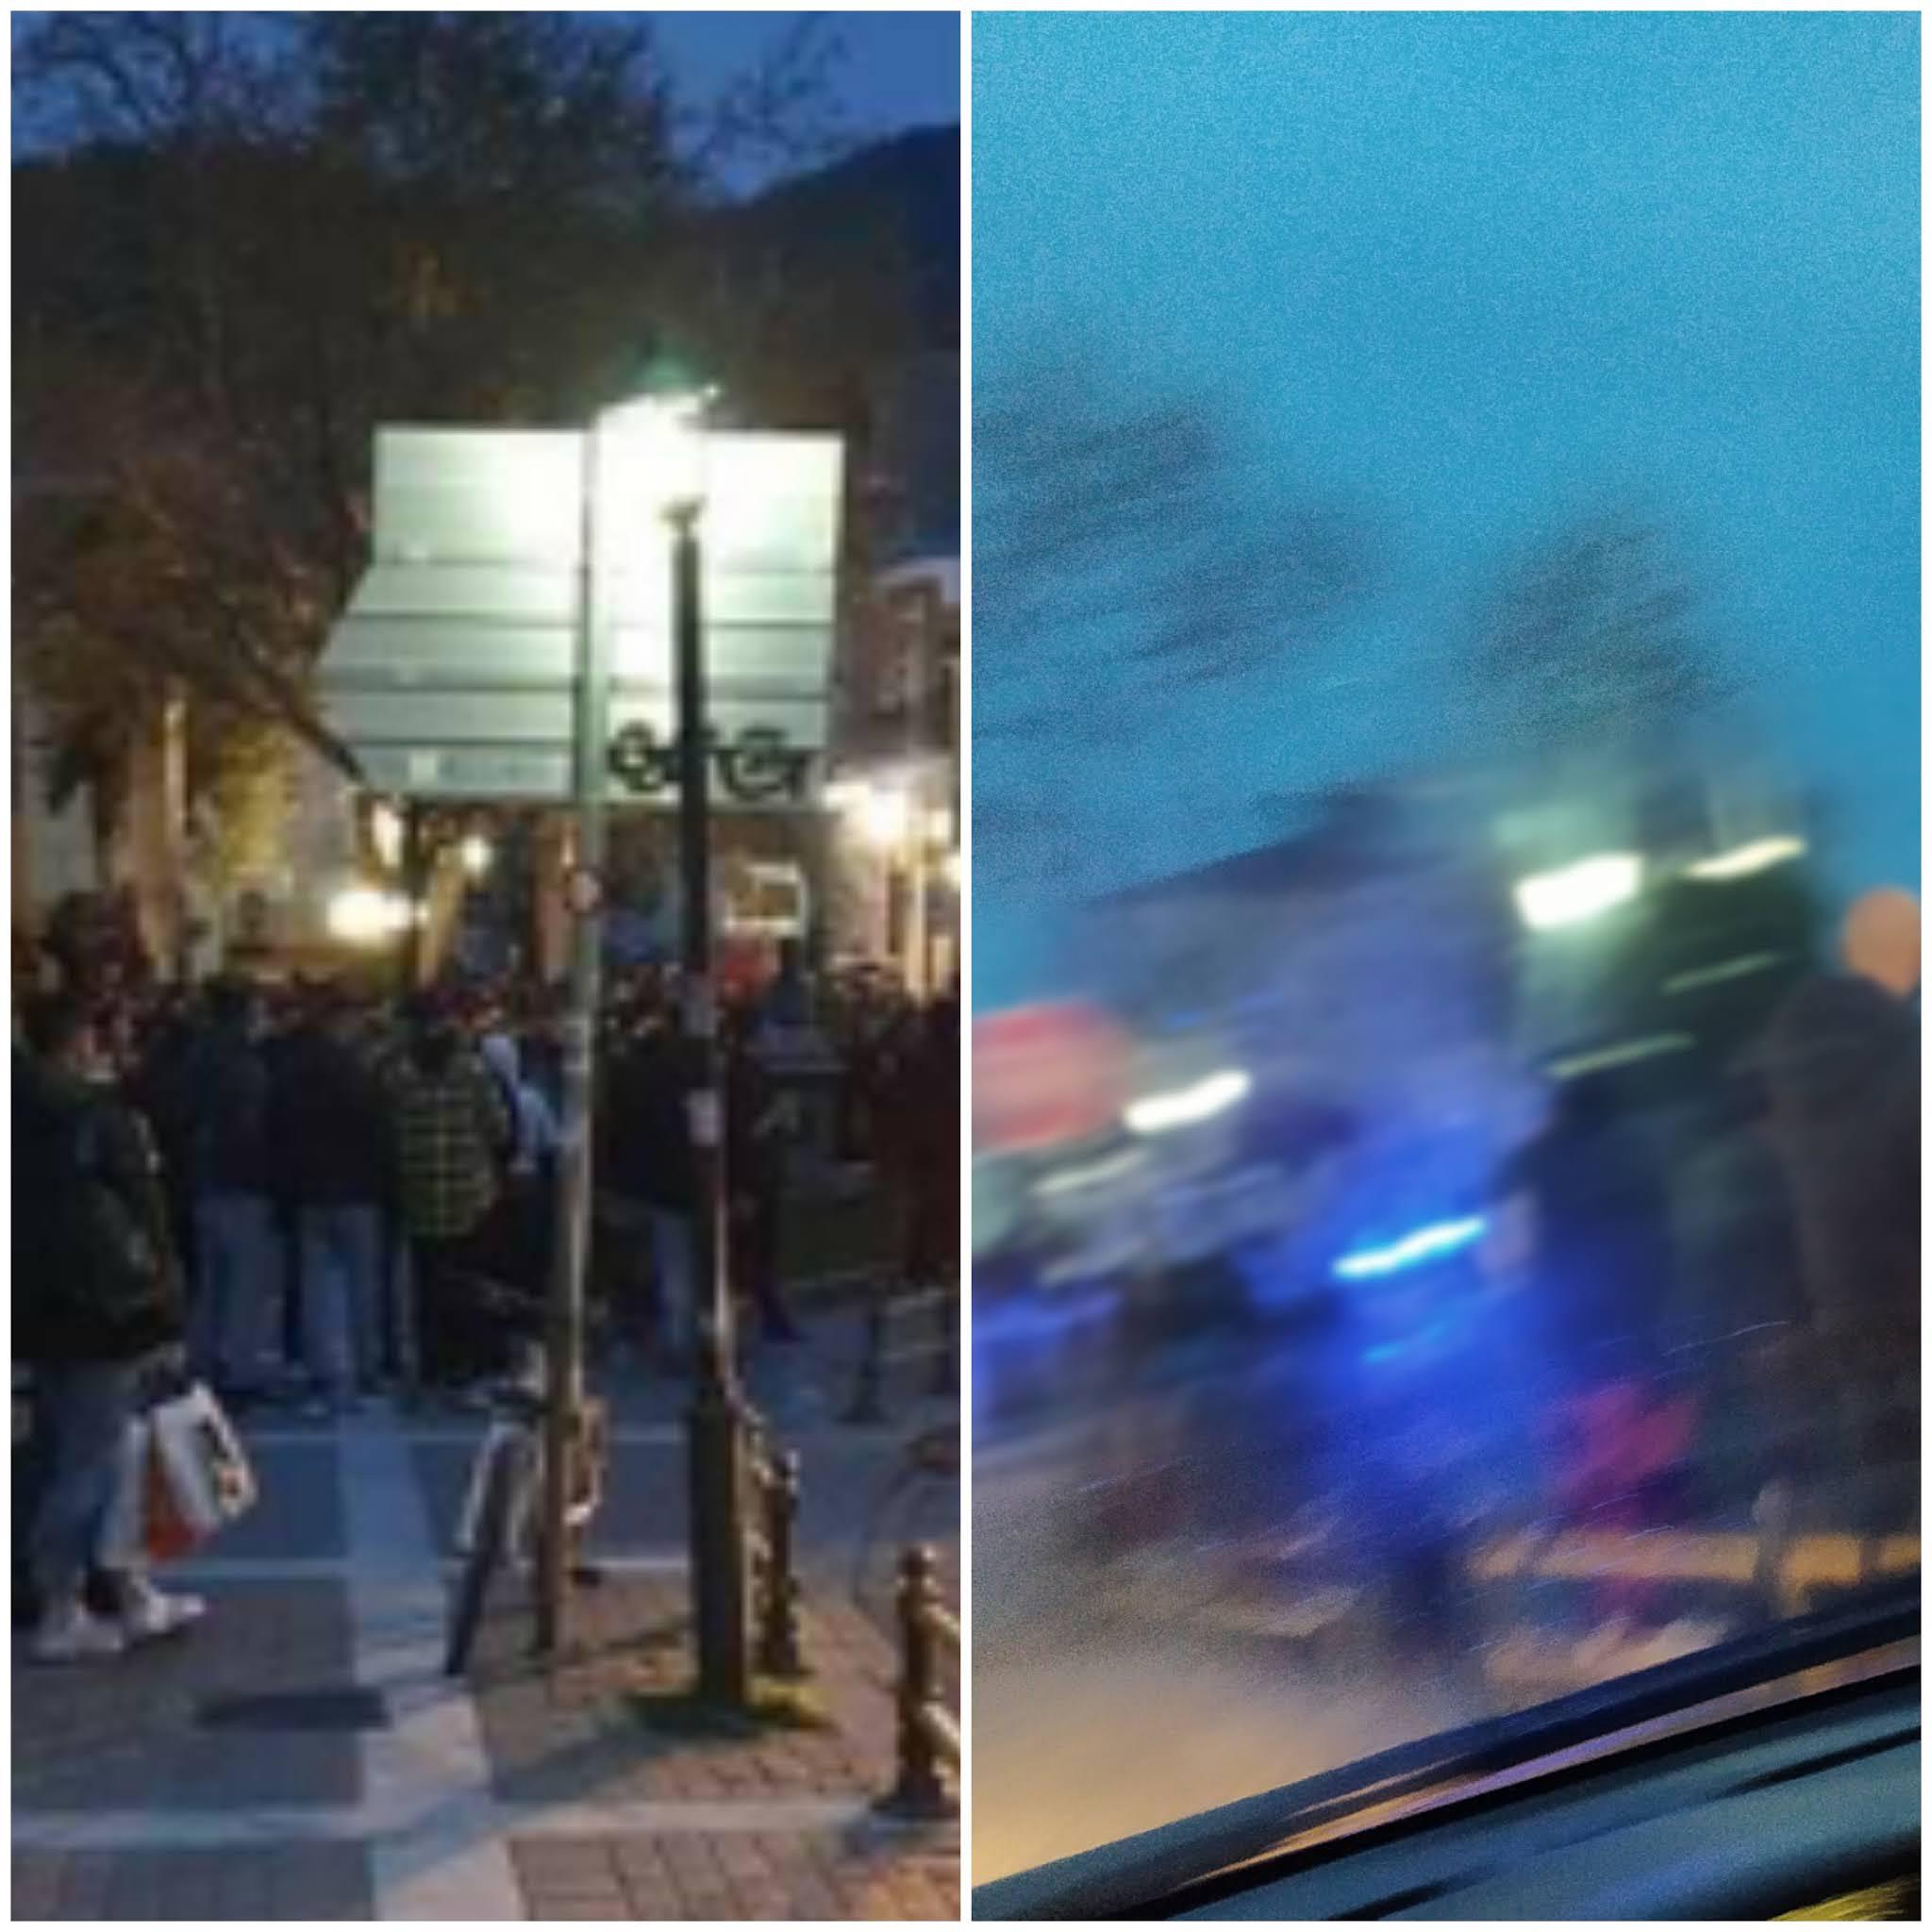 Έντονος συνωστισμός στην Πλατεία Αντίκα - Κρούσματα σε 3 Λύκεια